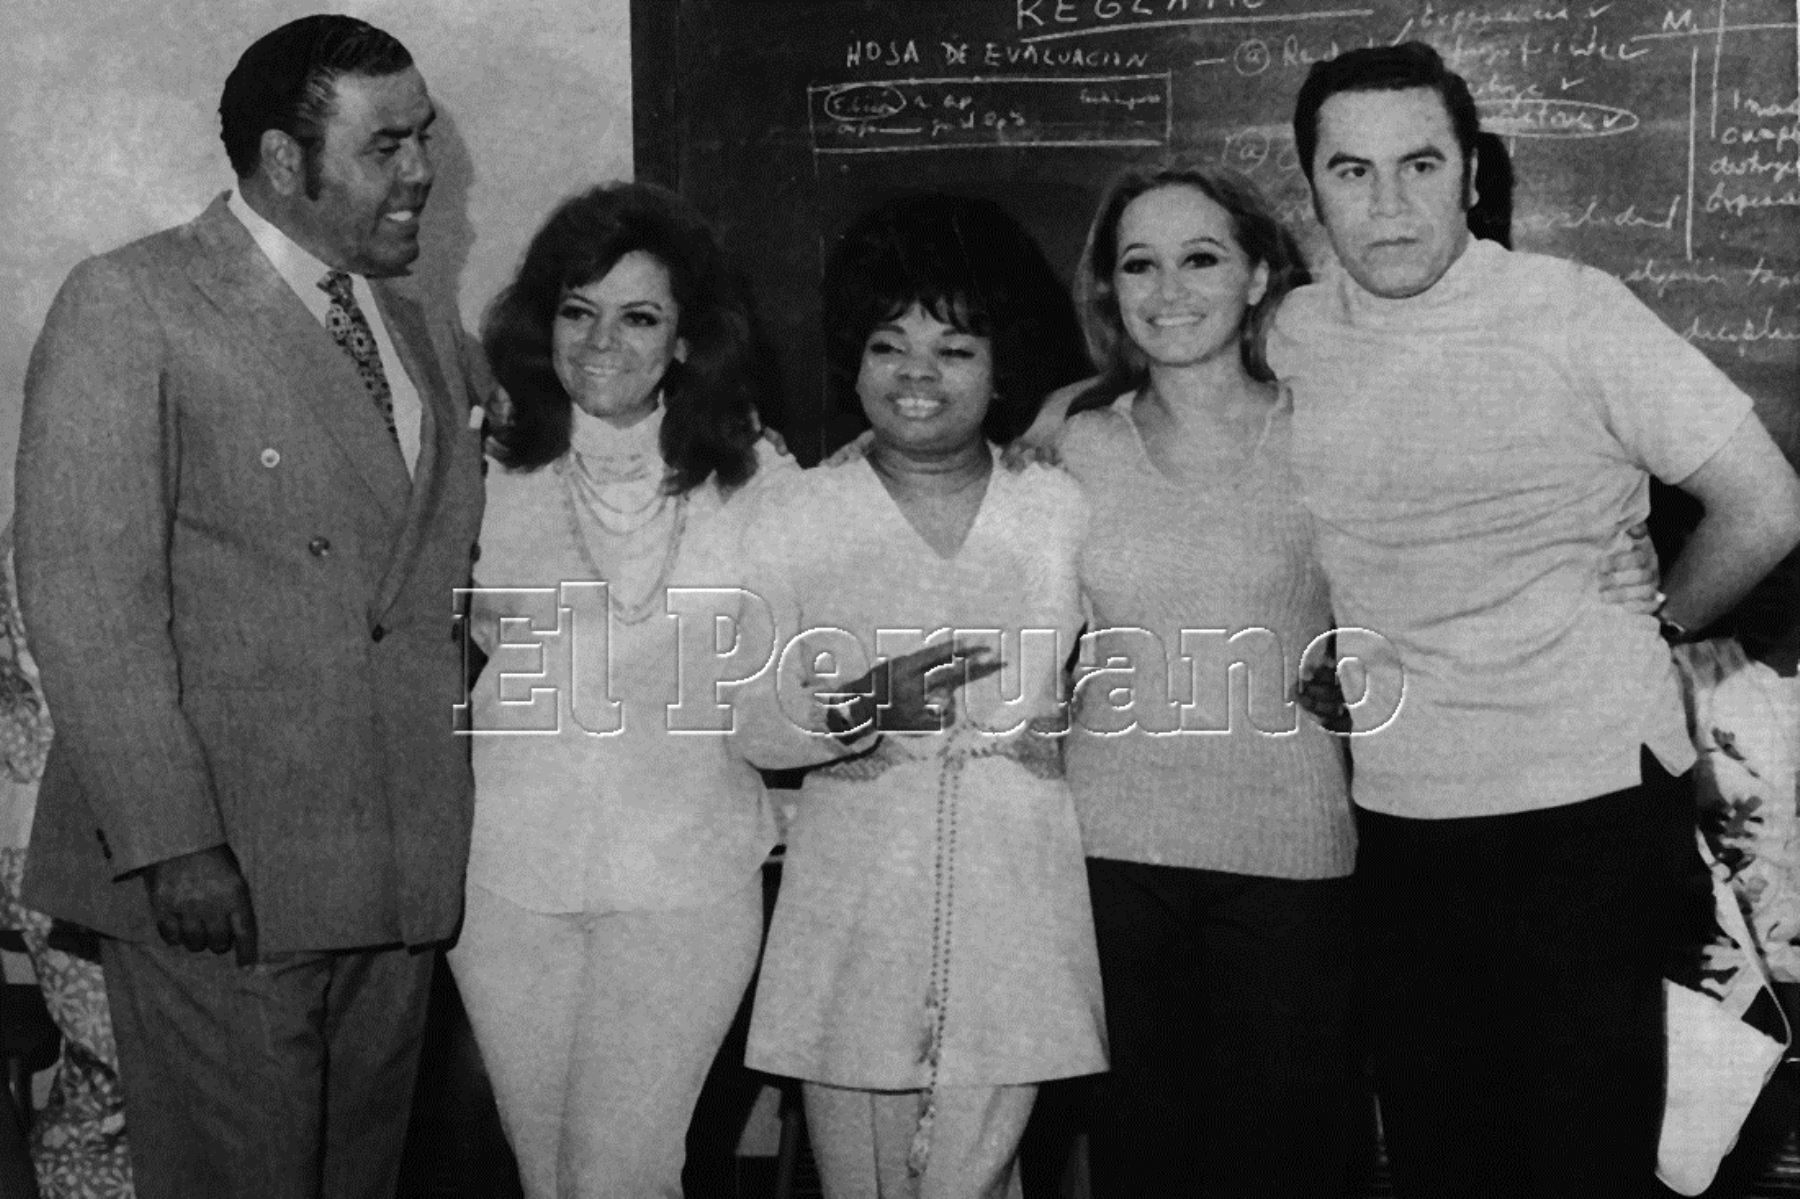 Lima - 25 febrero 1971 / Lucha Reyes (cen.), cantante peruana conocida como la Morena de Oro del Perú, con Augusto Ferrando (1.° izq.), el compositor Augusto Polo Campos y Cecilia Bracamonte (2° der.), cantante de música criolla.